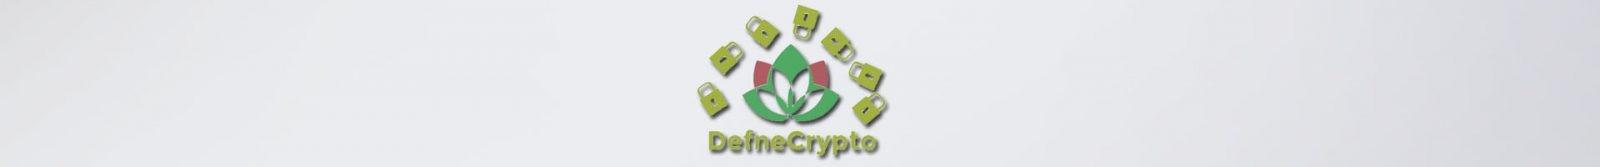 Defnecrypto- İnceleme ve Kaçış Ekibi Yorumları